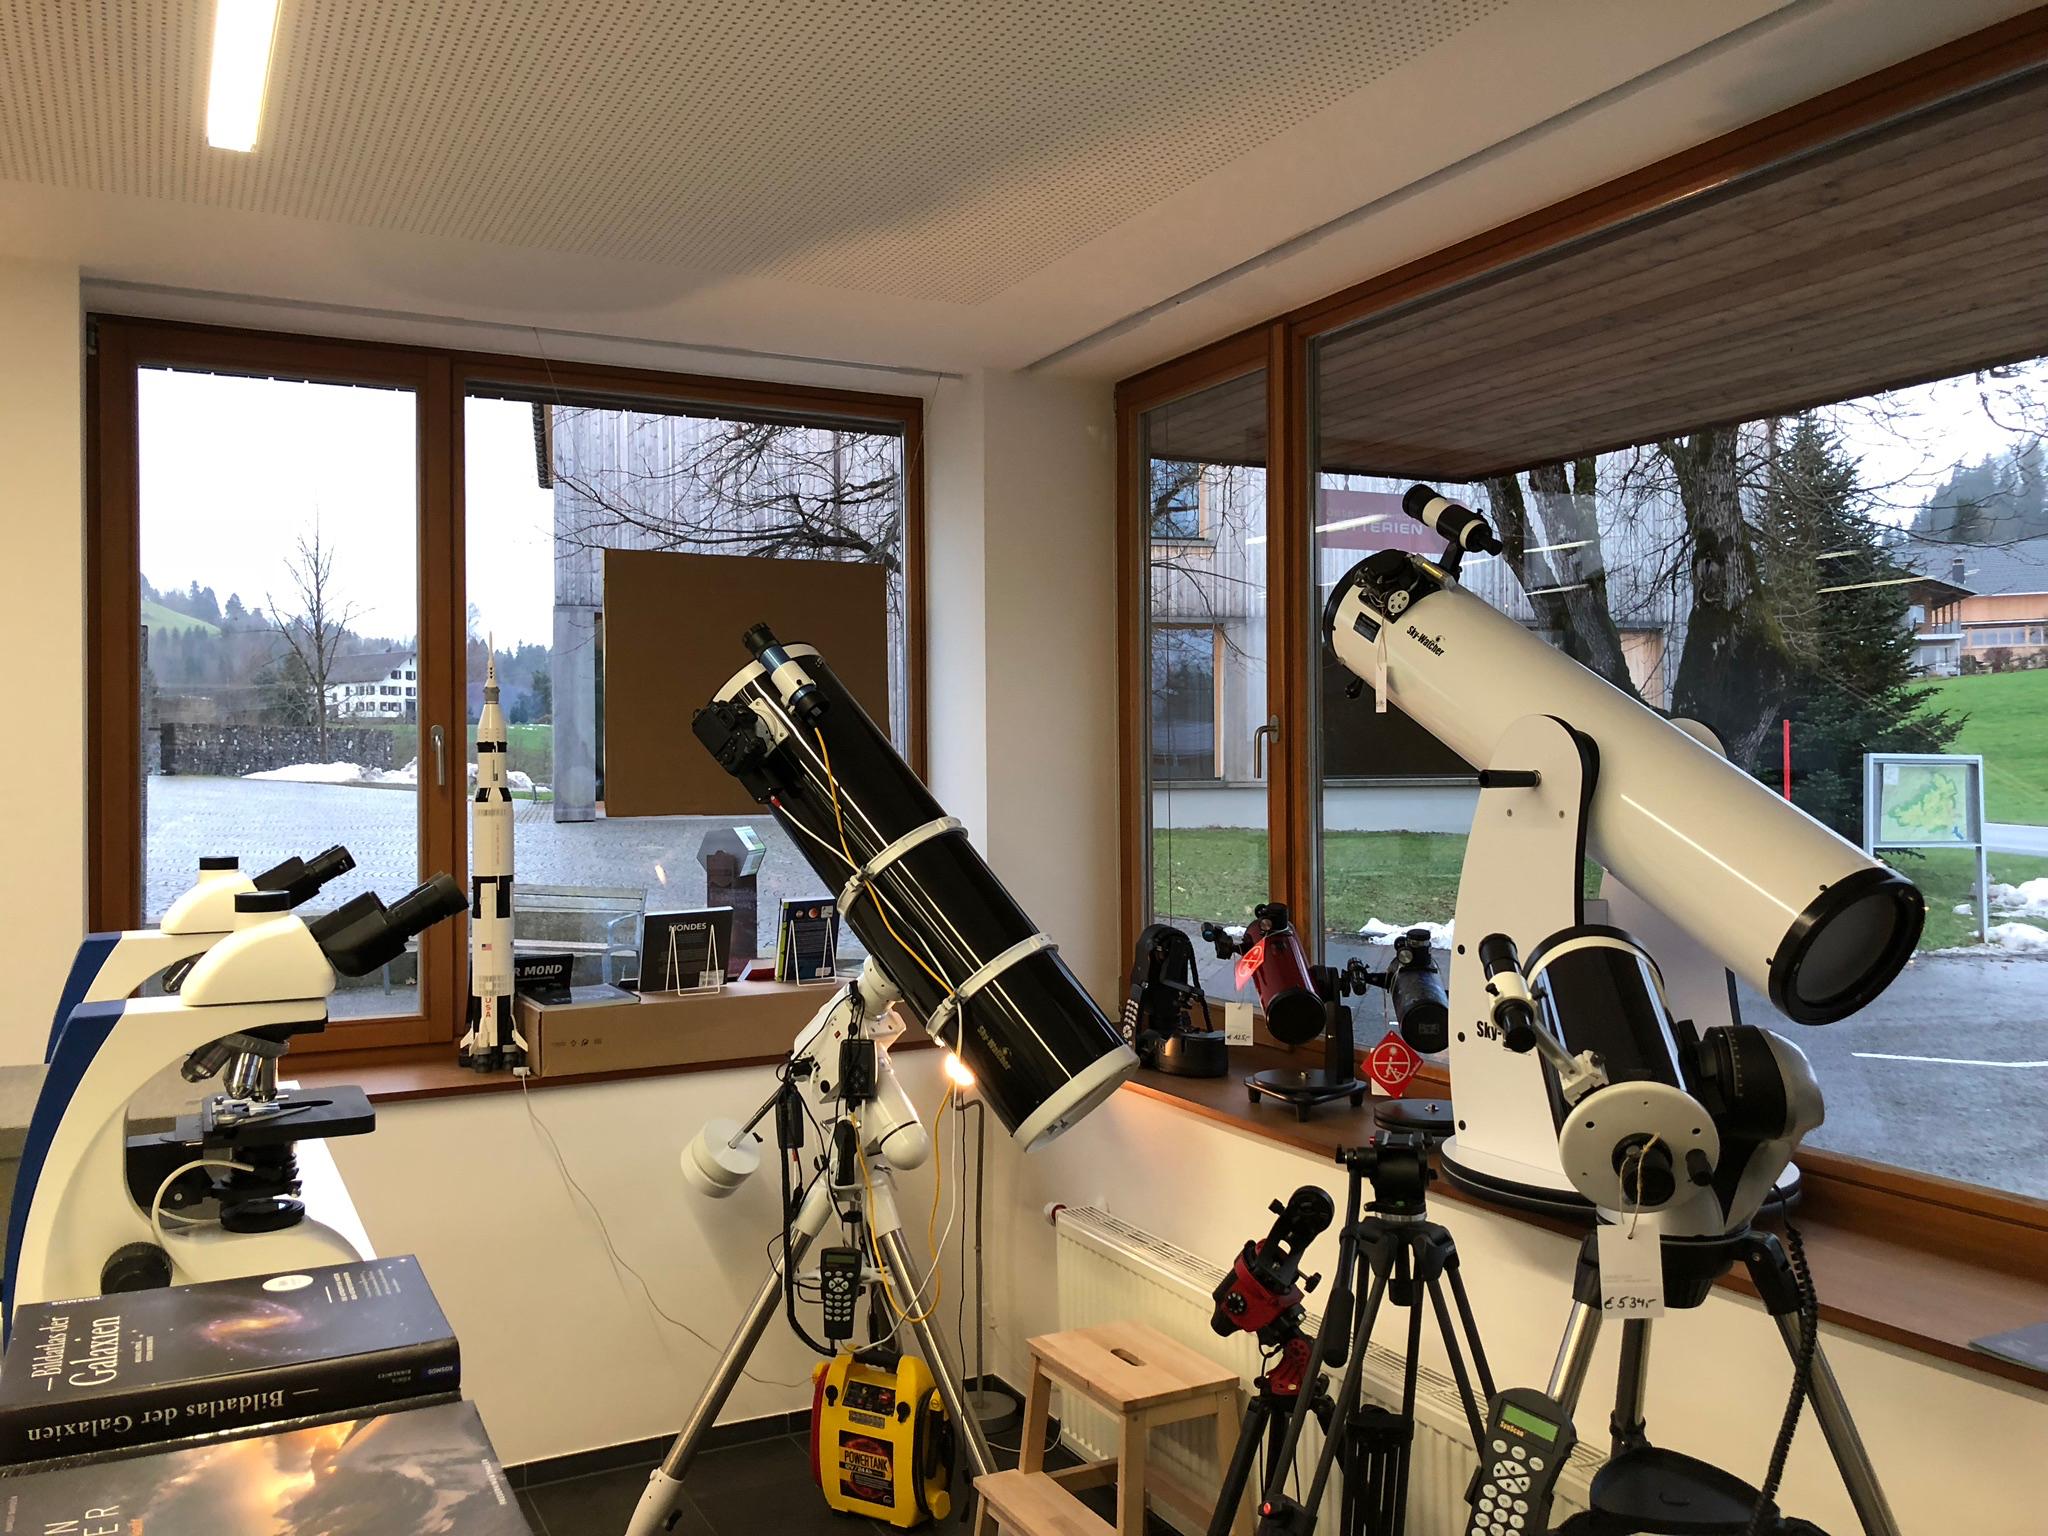 Astrofotografie und Zubehör